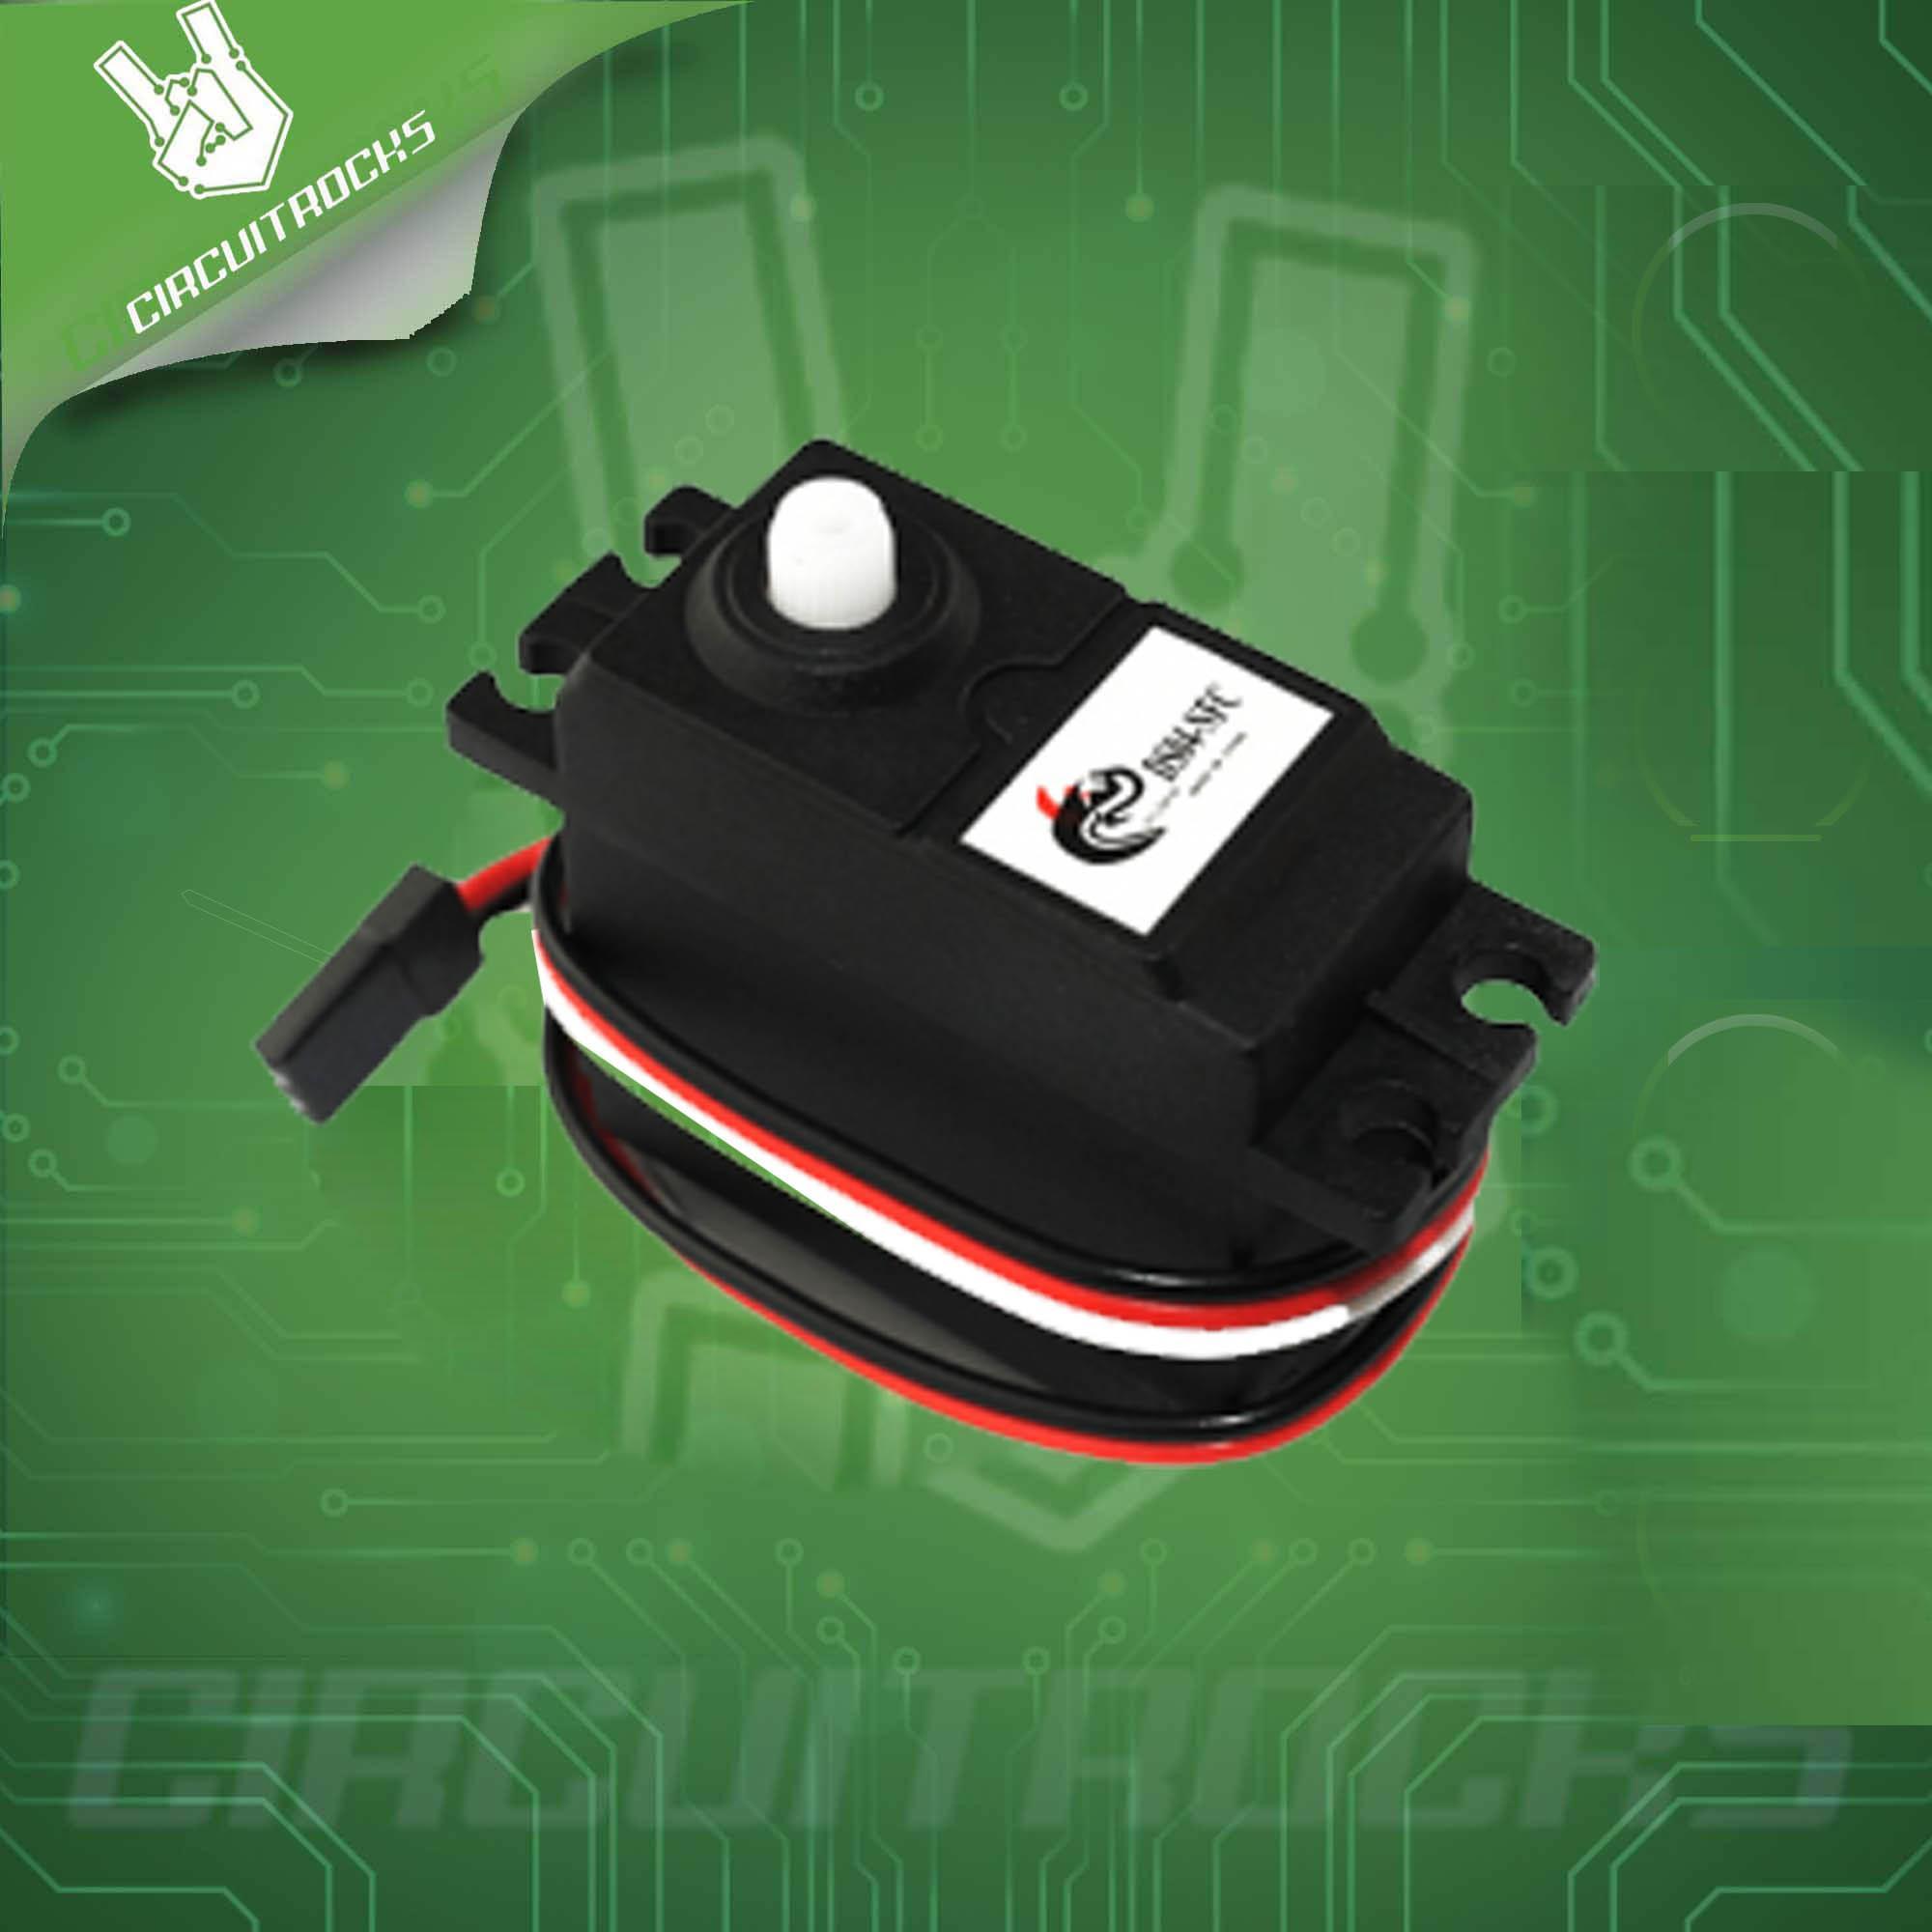 Servo DS04-NFC 360-Degree Continuous Rotation Servo DC Gear Motor  Arduino/Raspberry-Pi/Robotics